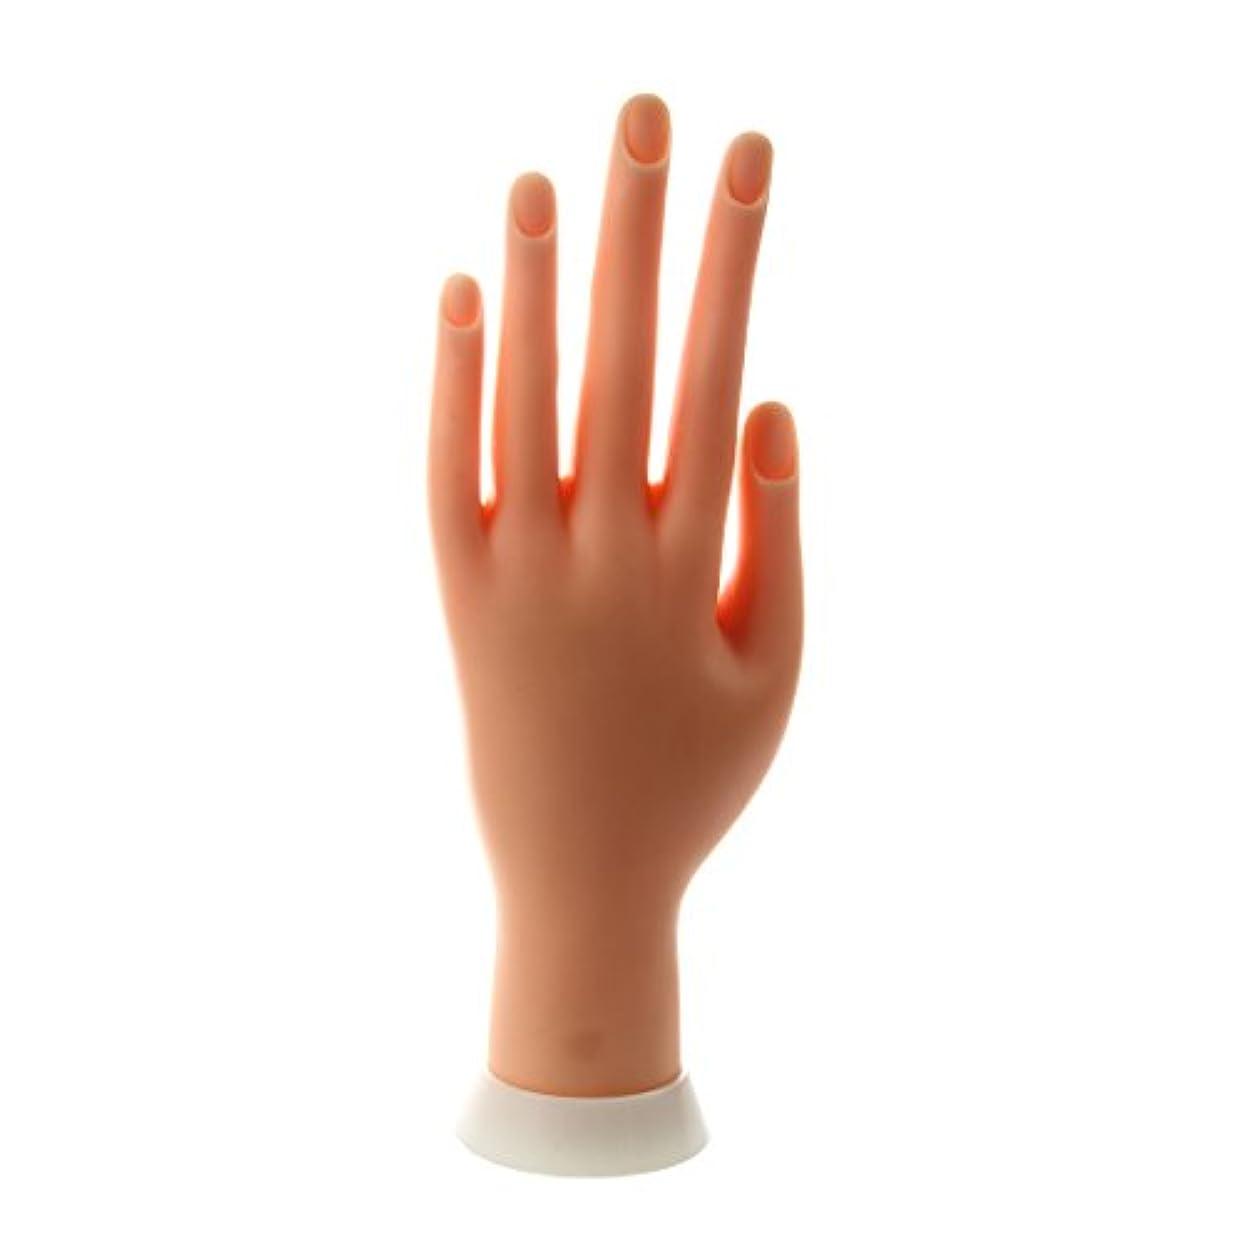 散逸アラブ人わなACAMPTAR ACAMPTAR(R) ネイルアートの練習のためのモデル左手